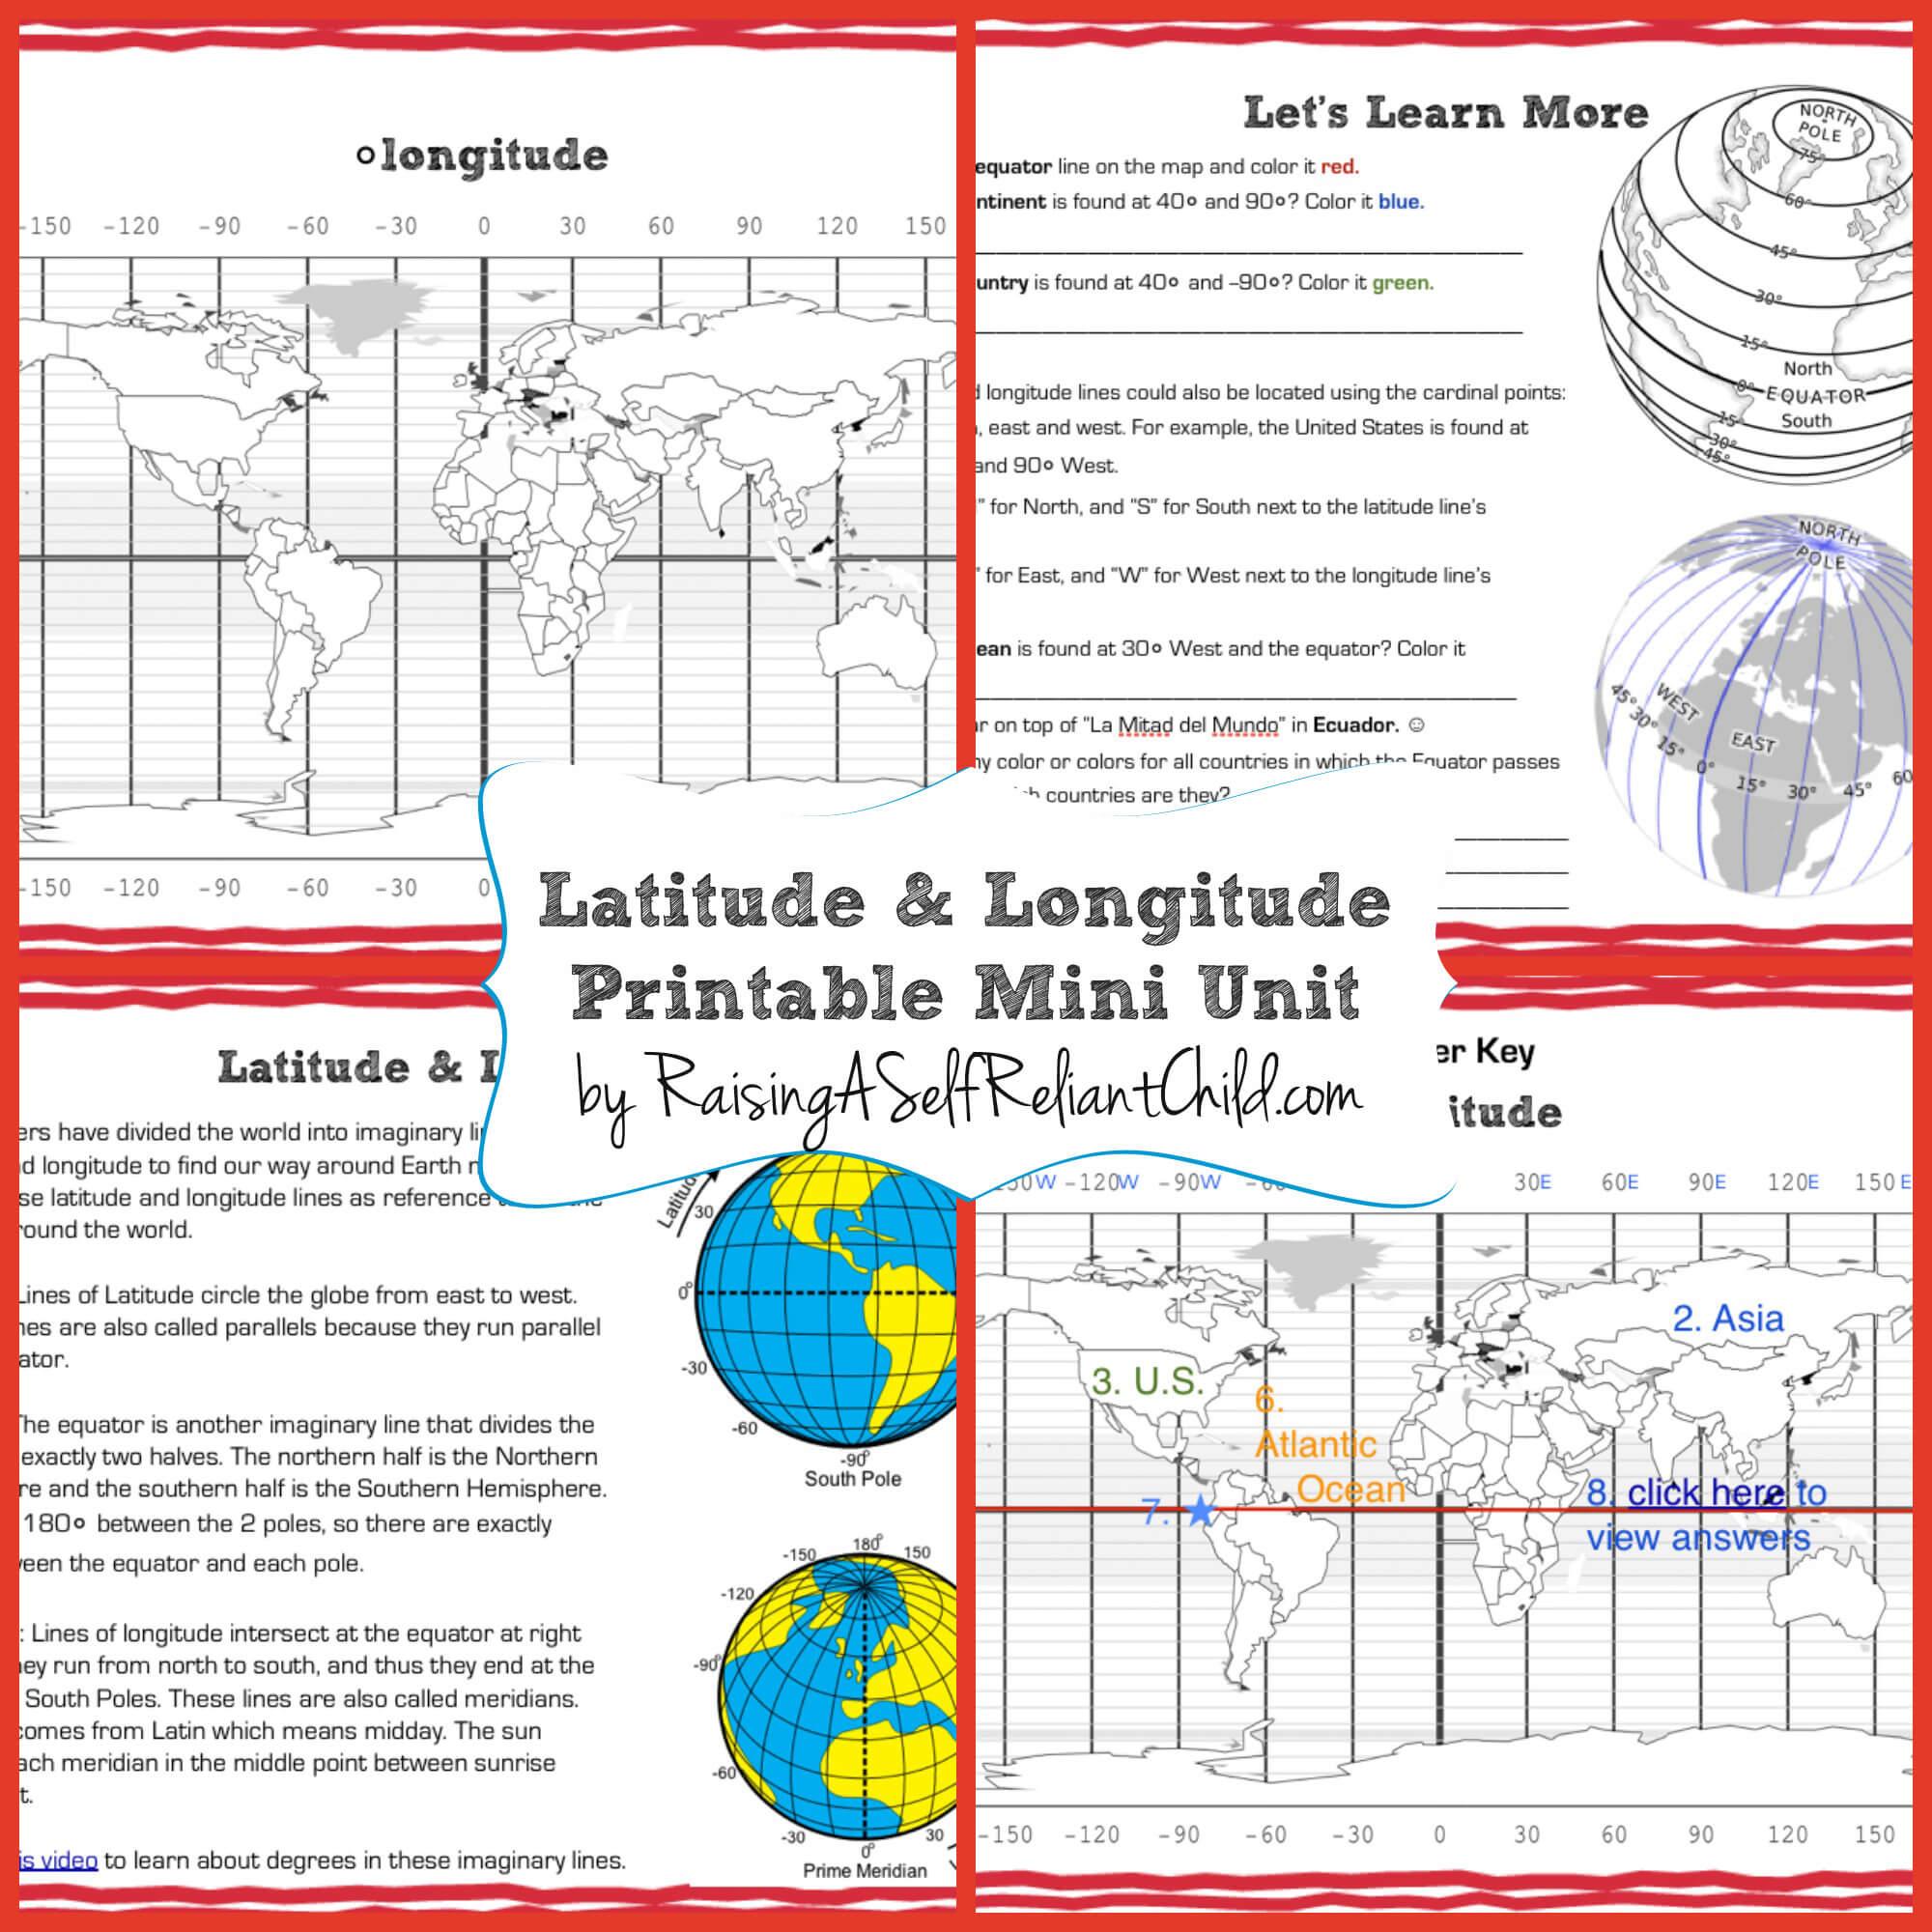 Worksheets Latitude And Longitude Practice Worksheets free printable mini unit latitude and longitude for kids